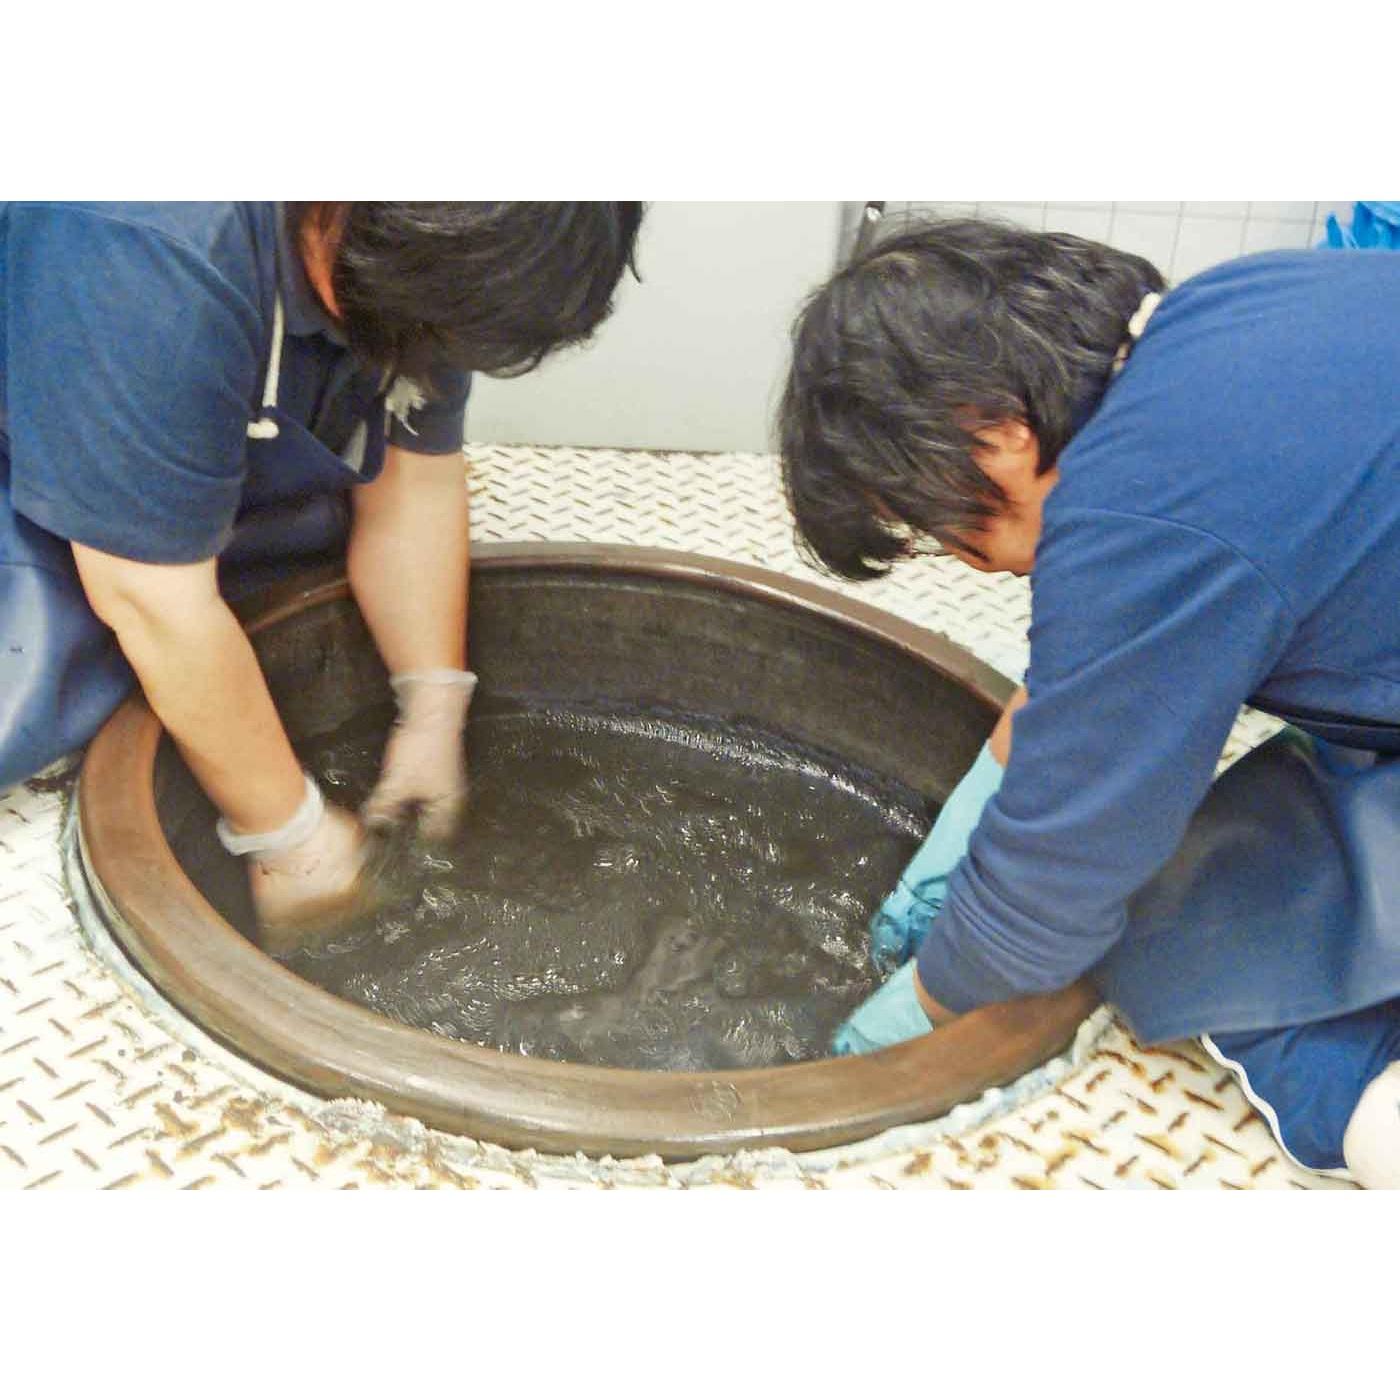 徳島の作業所さんでは、今では貴重な天然の藍草を原料にした「すくも藍」でていねいに染めています。